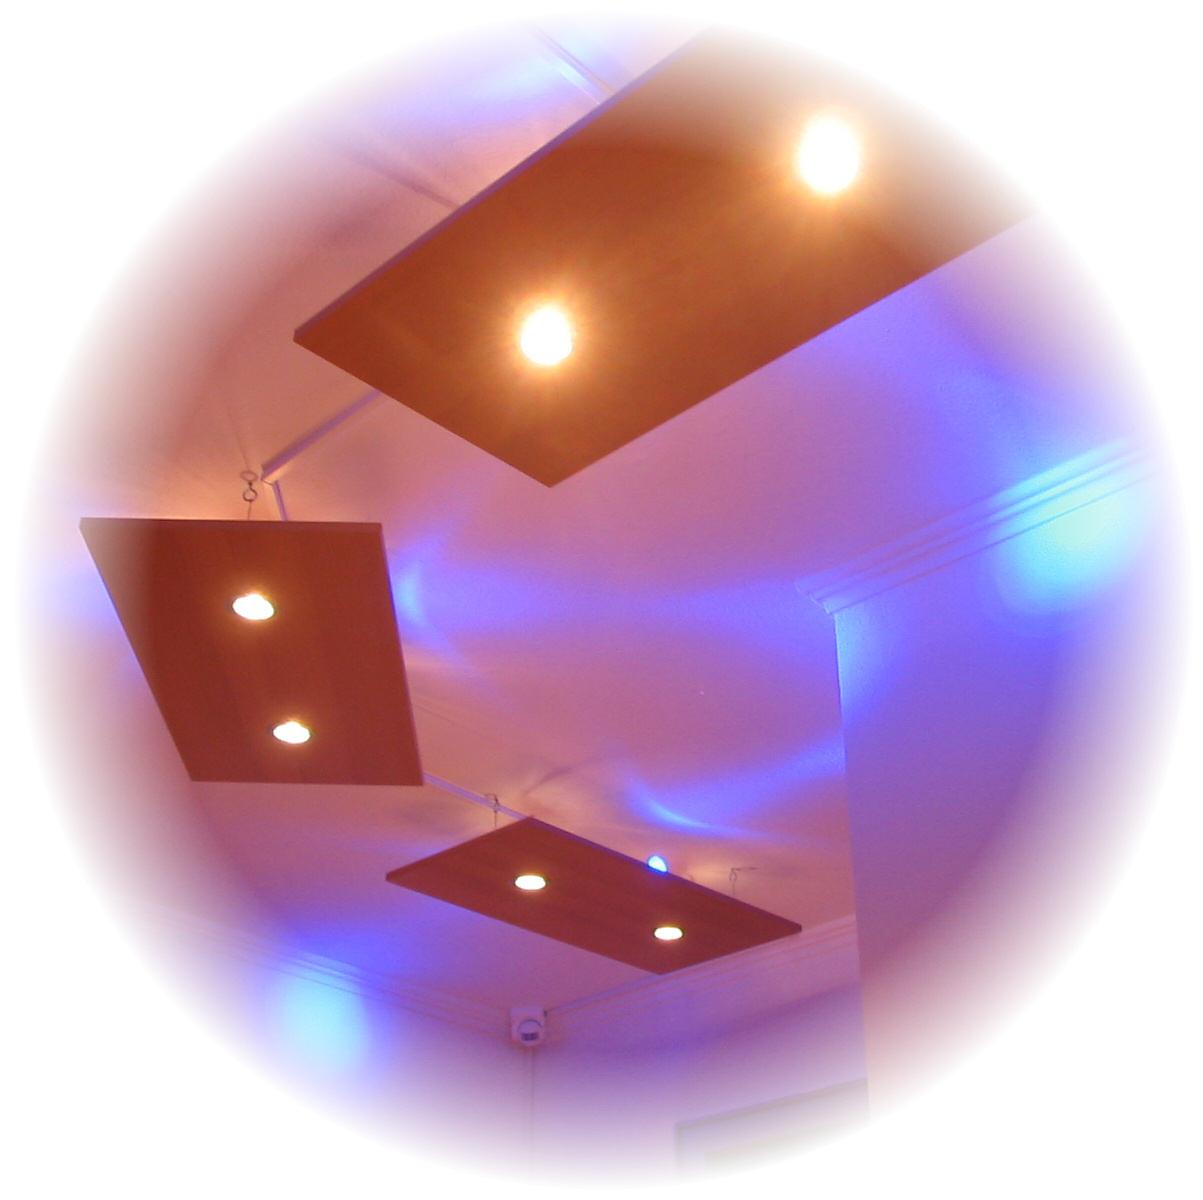 Flurbeleuchtung - Flurbeleuchtung led ...